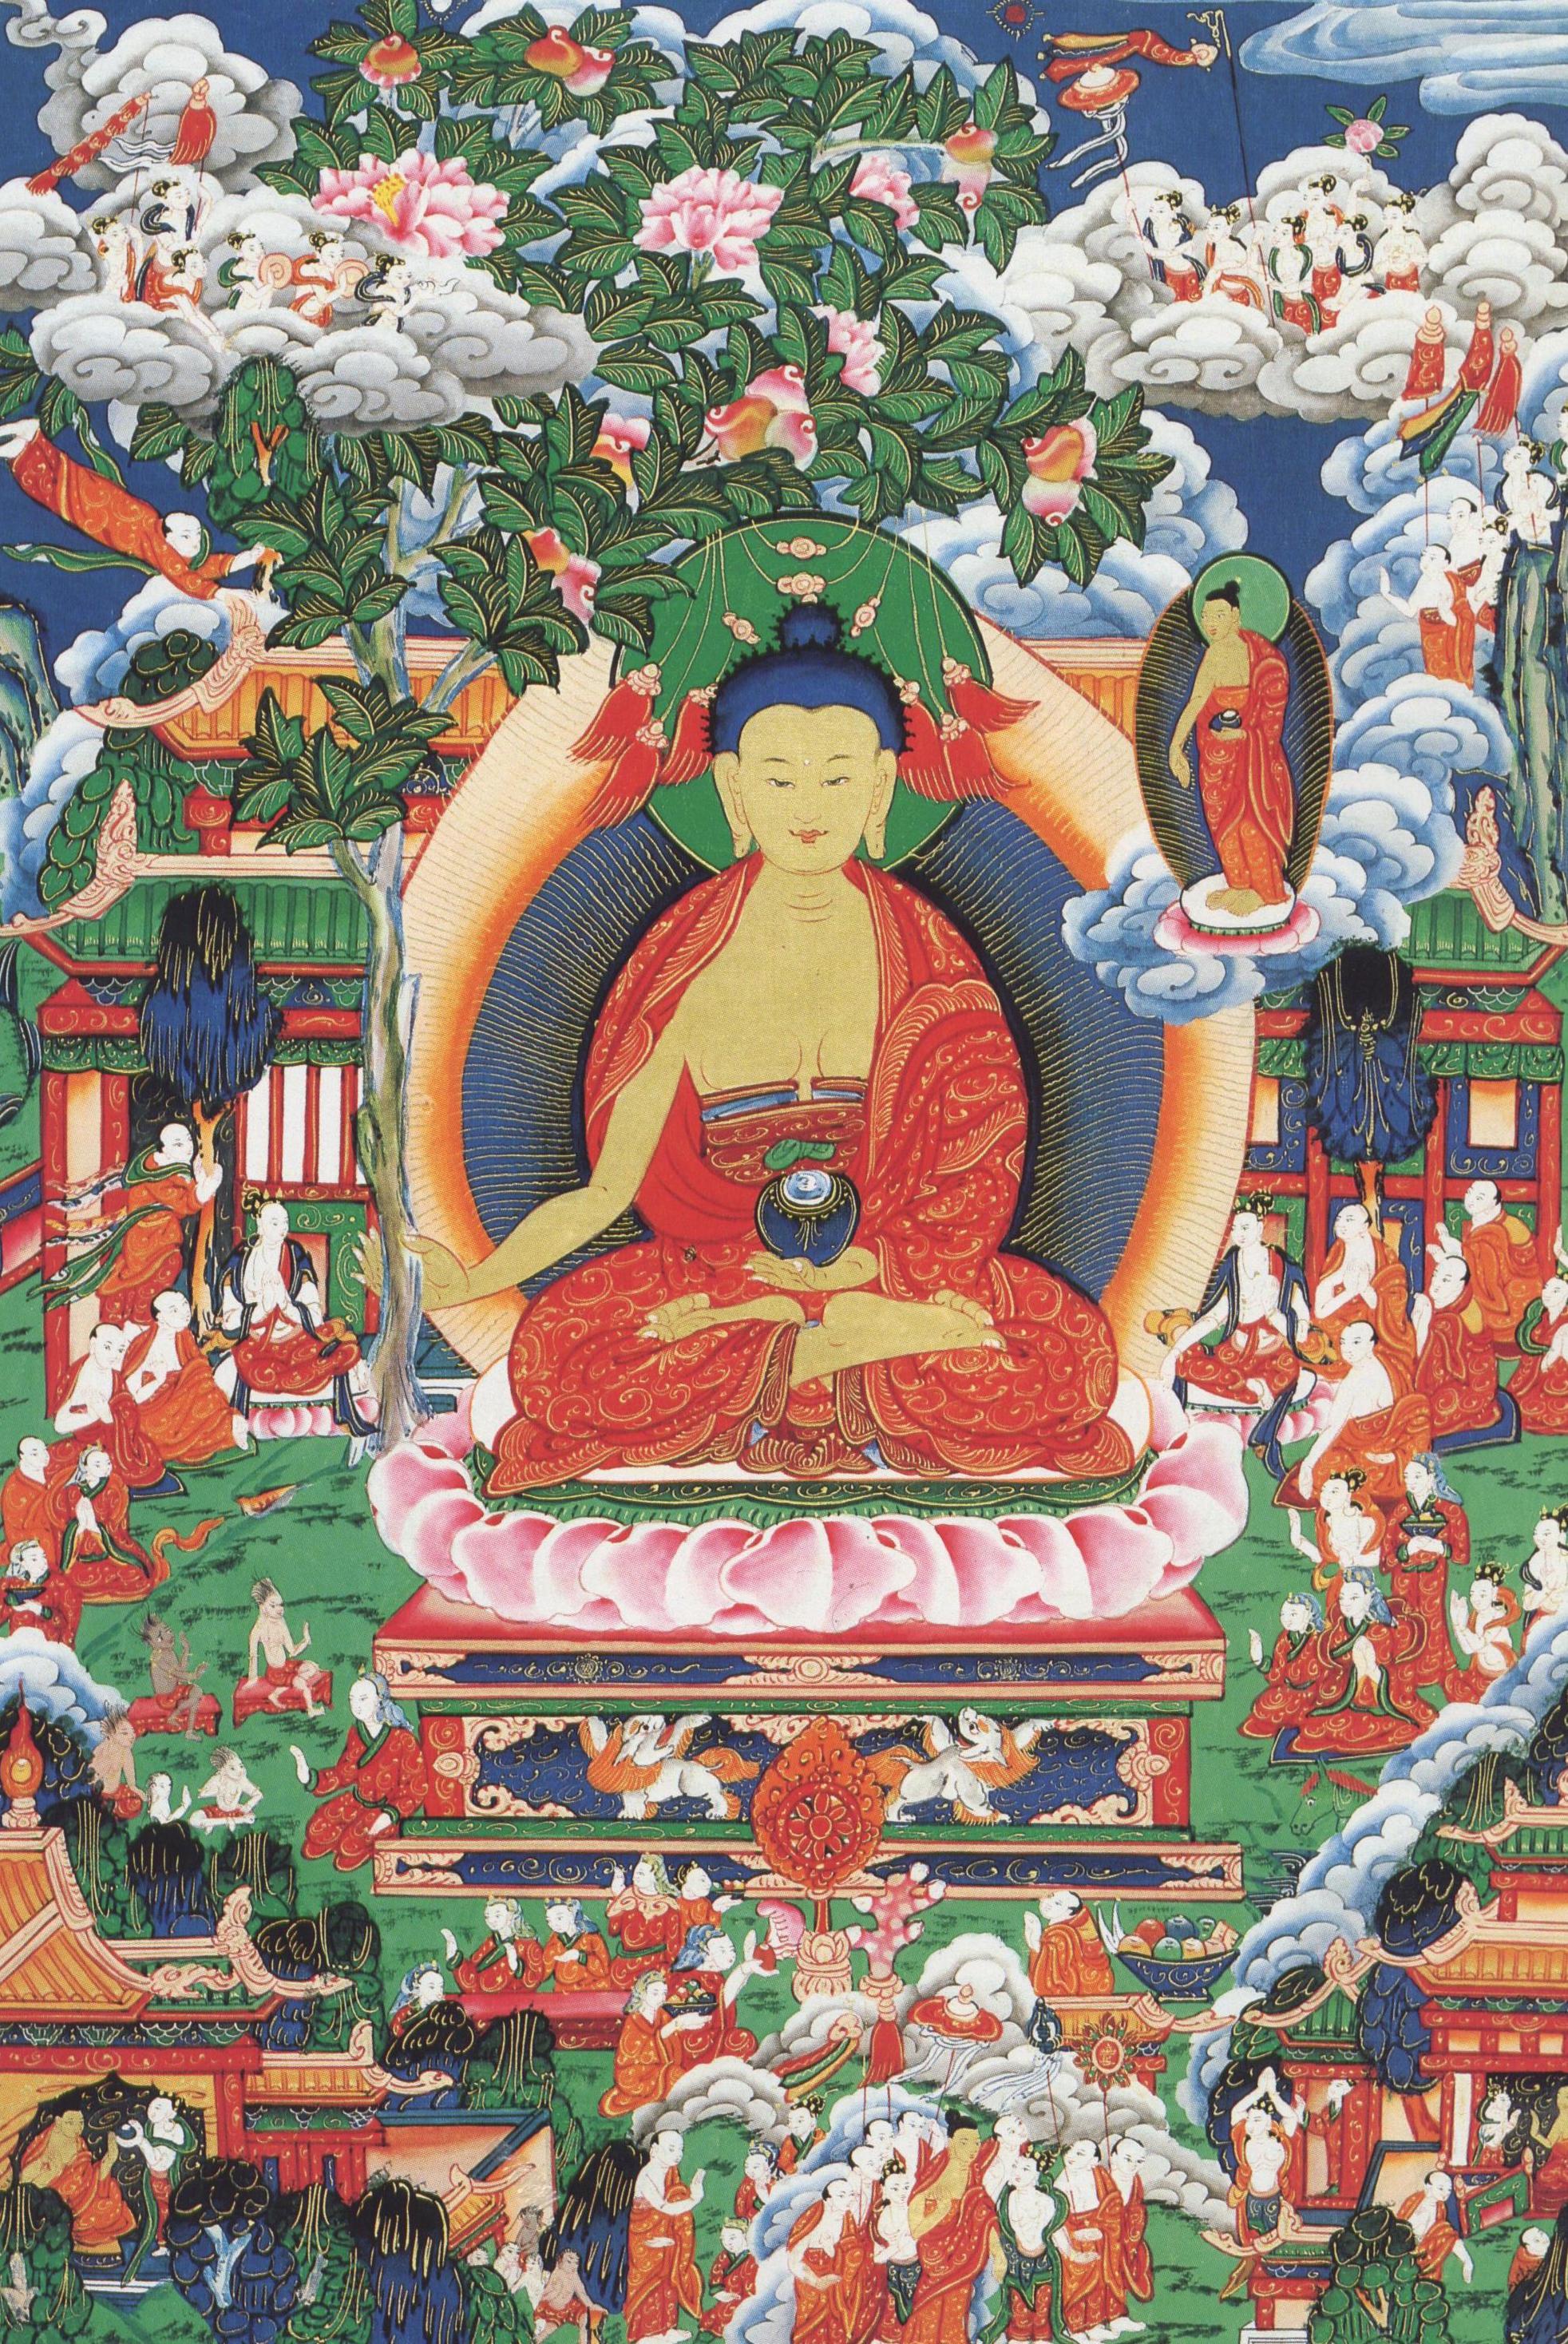 Dhammapada 314: E' preferibile non fare un'azione che non va fatta, perché dopo ci si pente.